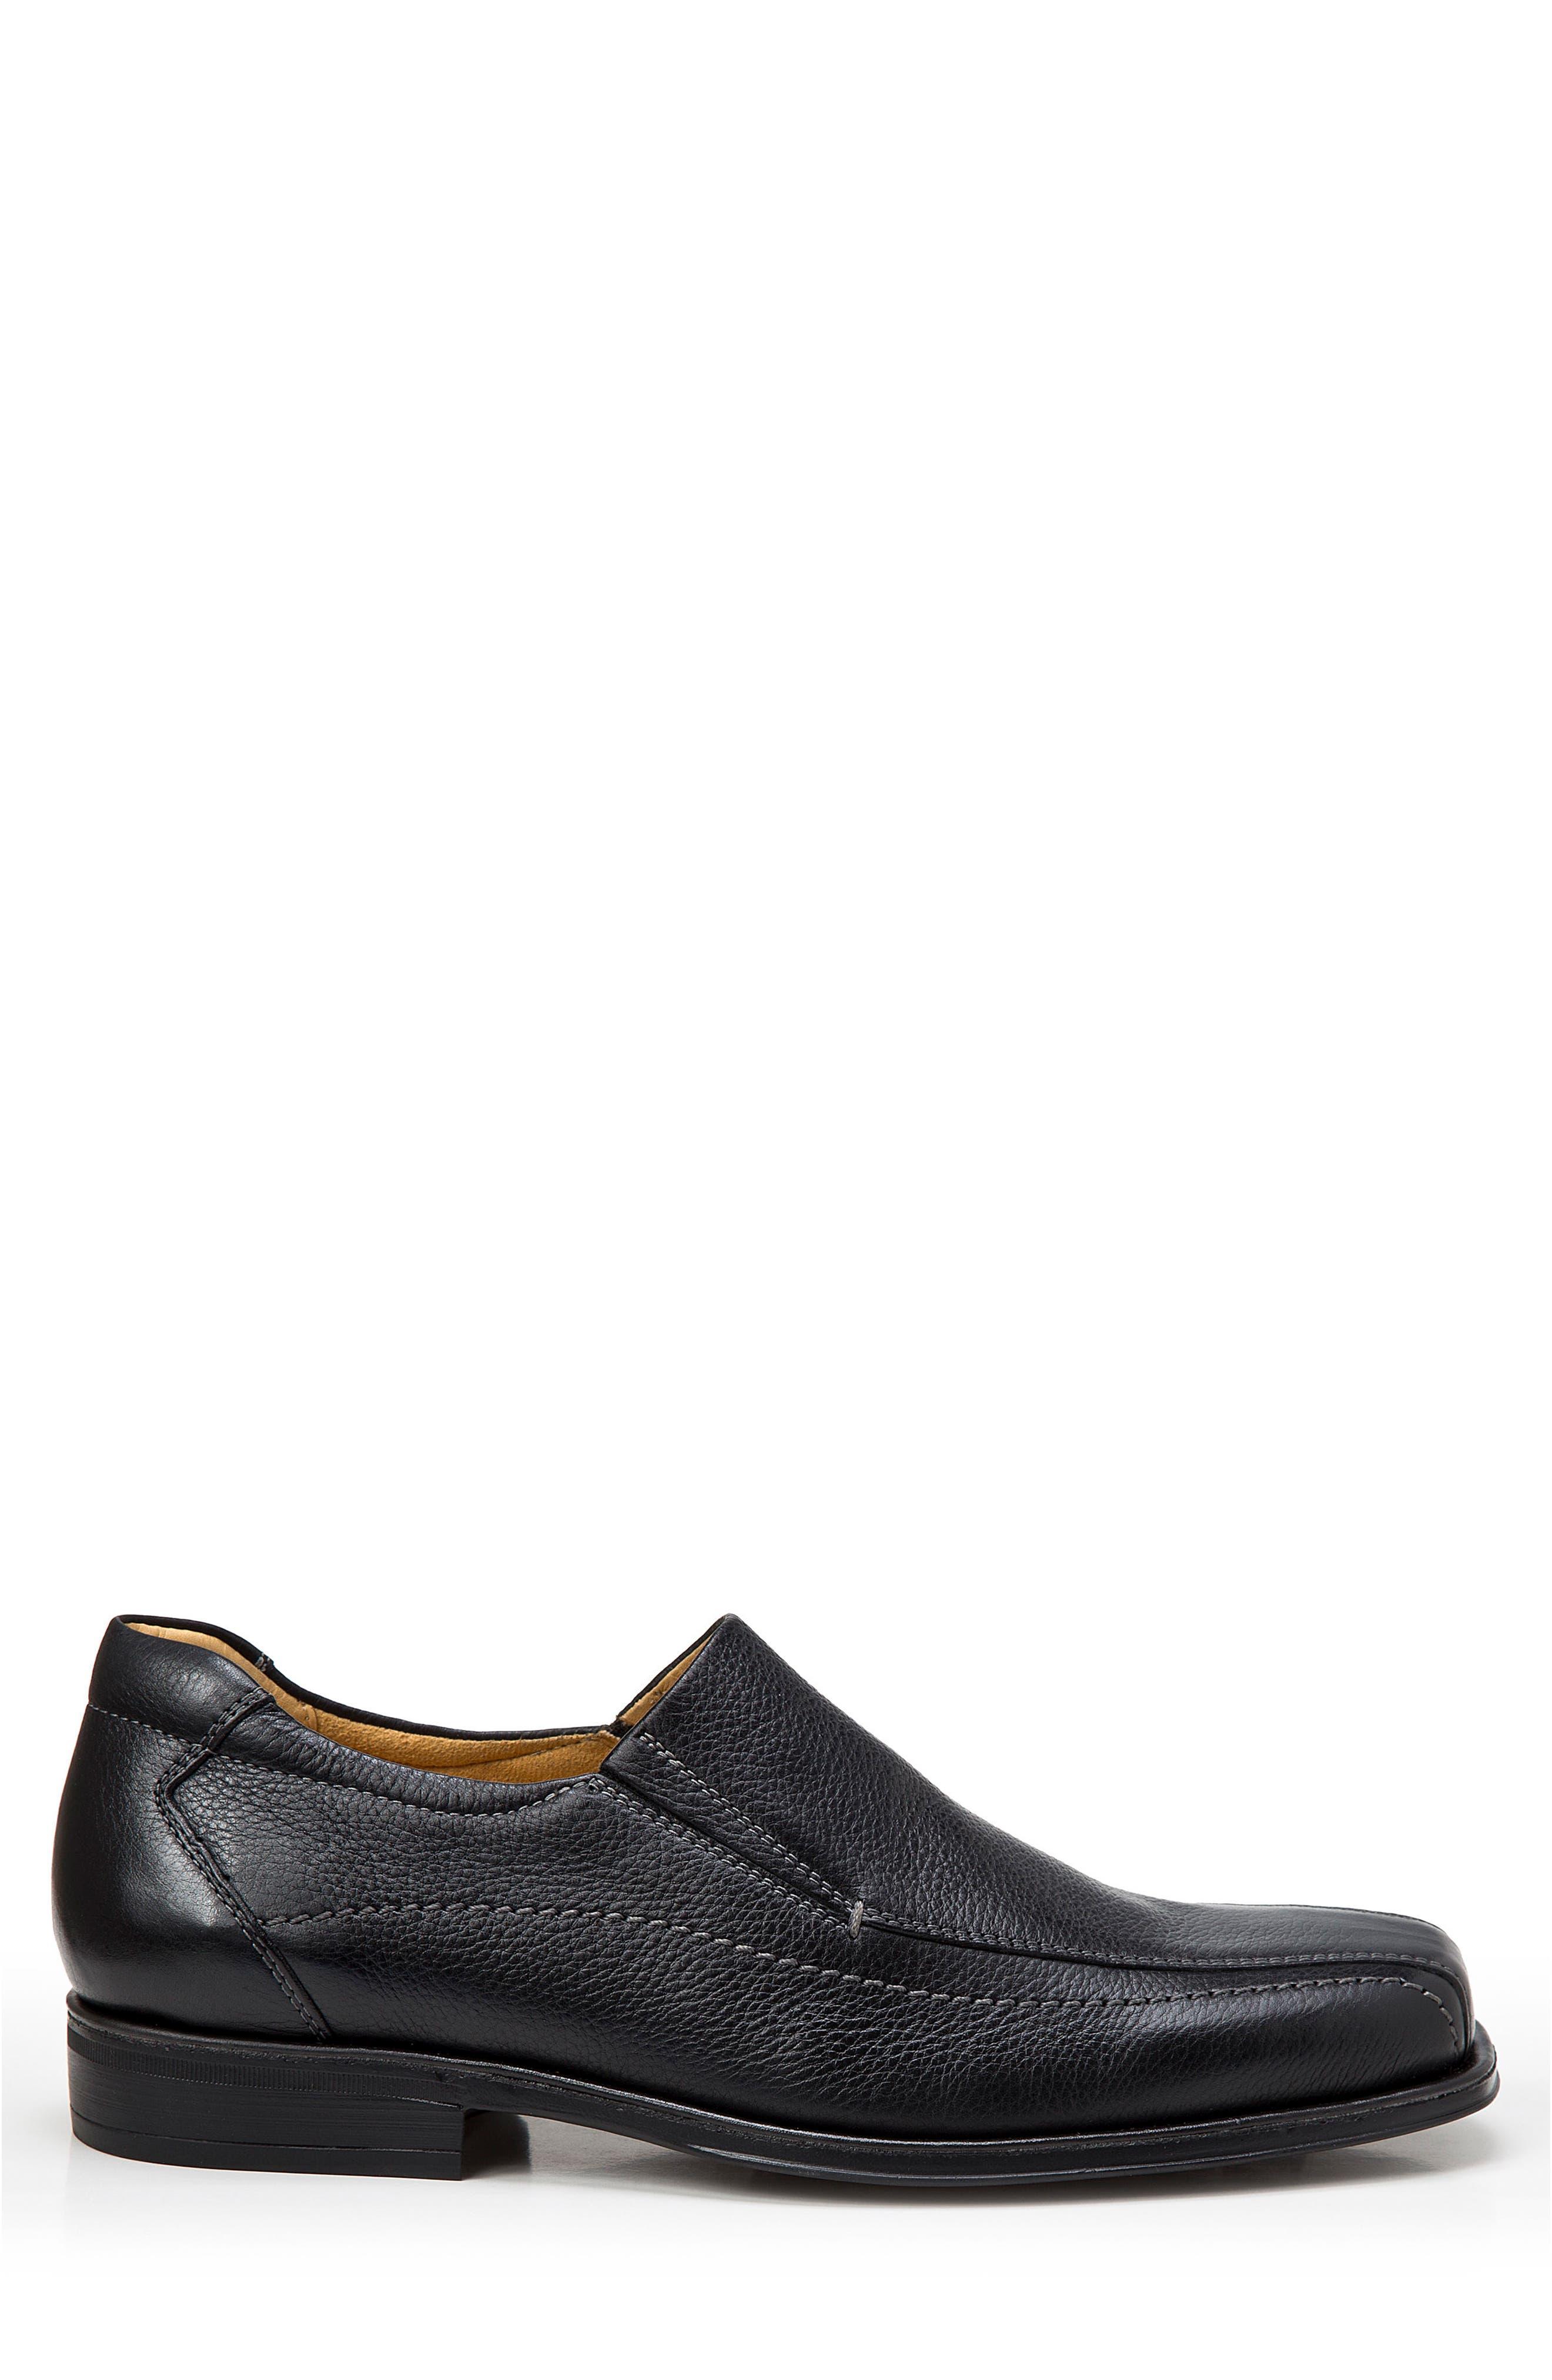 Elgin Venetian Loafer,                             Alternate thumbnail 3, color,                             Black